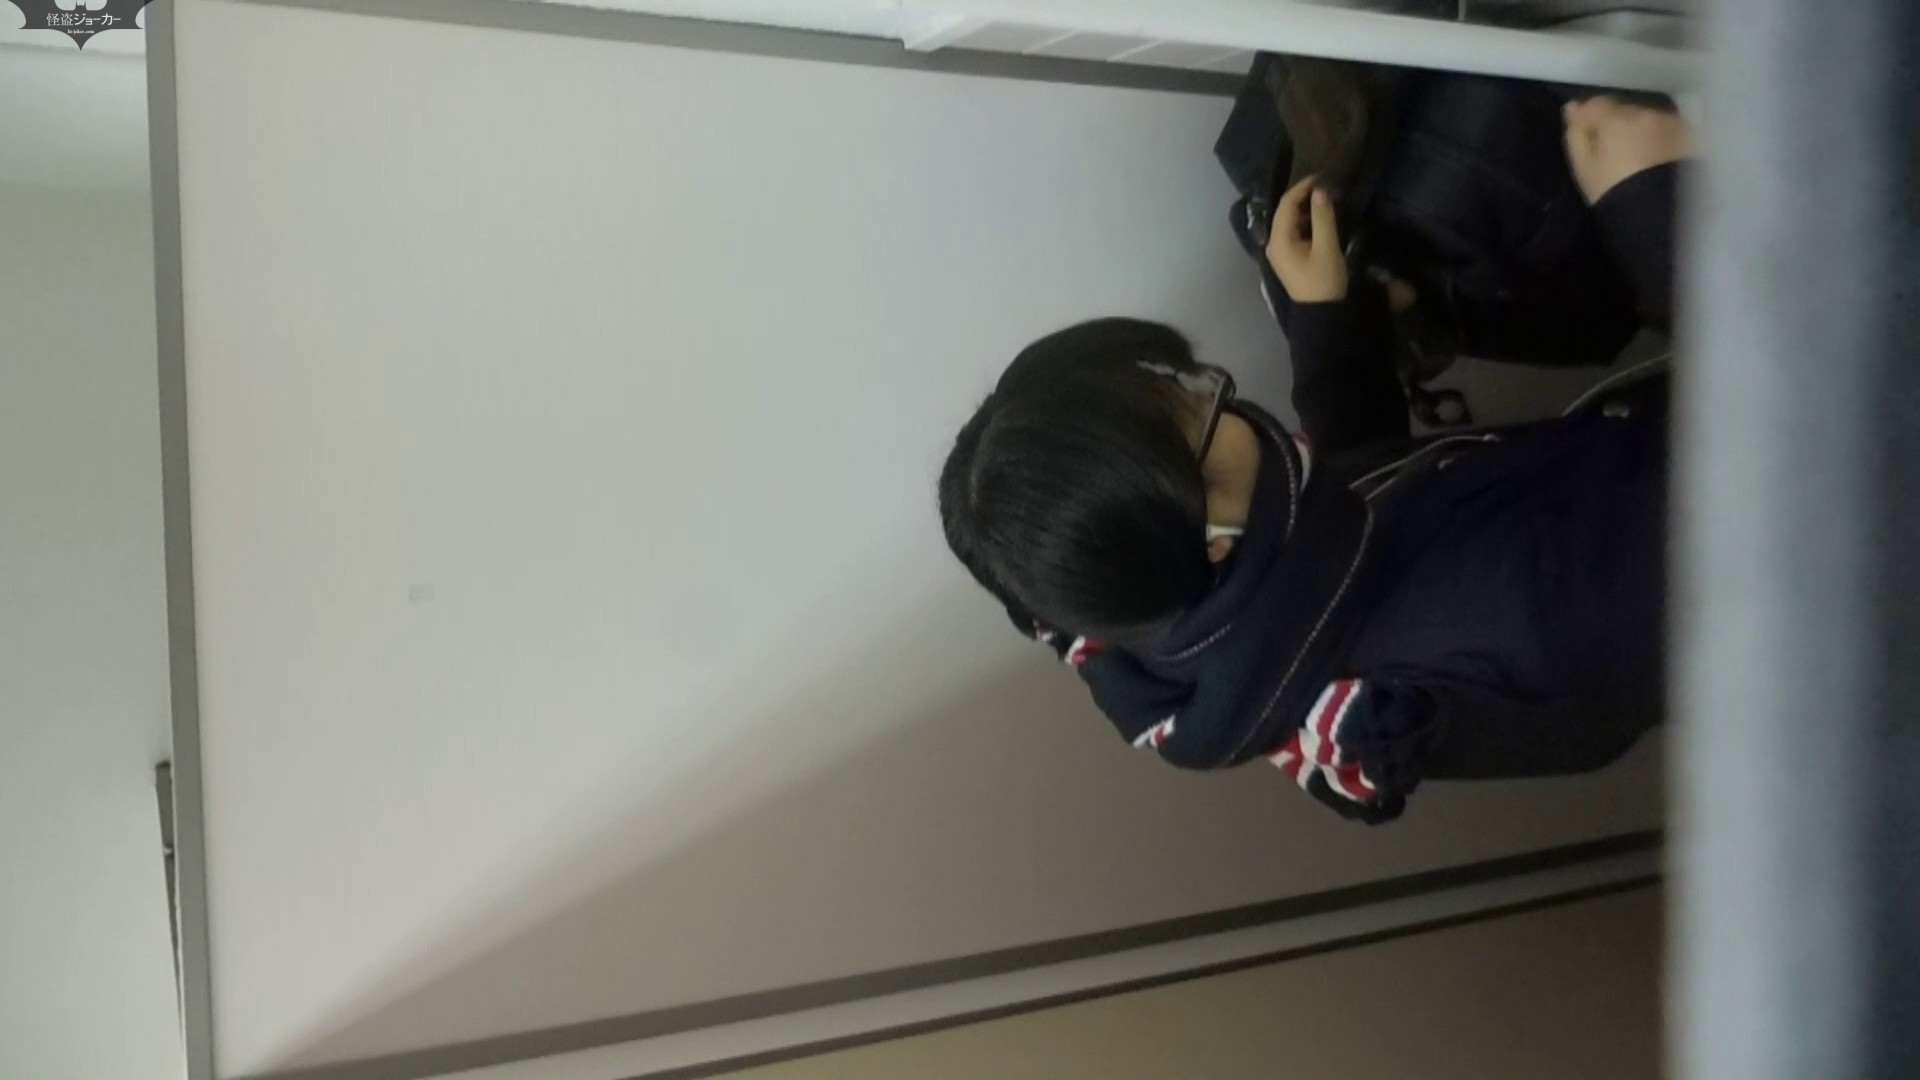 化粧室絵巻 駅舎編 VOL.28 むっちりガール オマンコ無修正動画無料 88枚 7